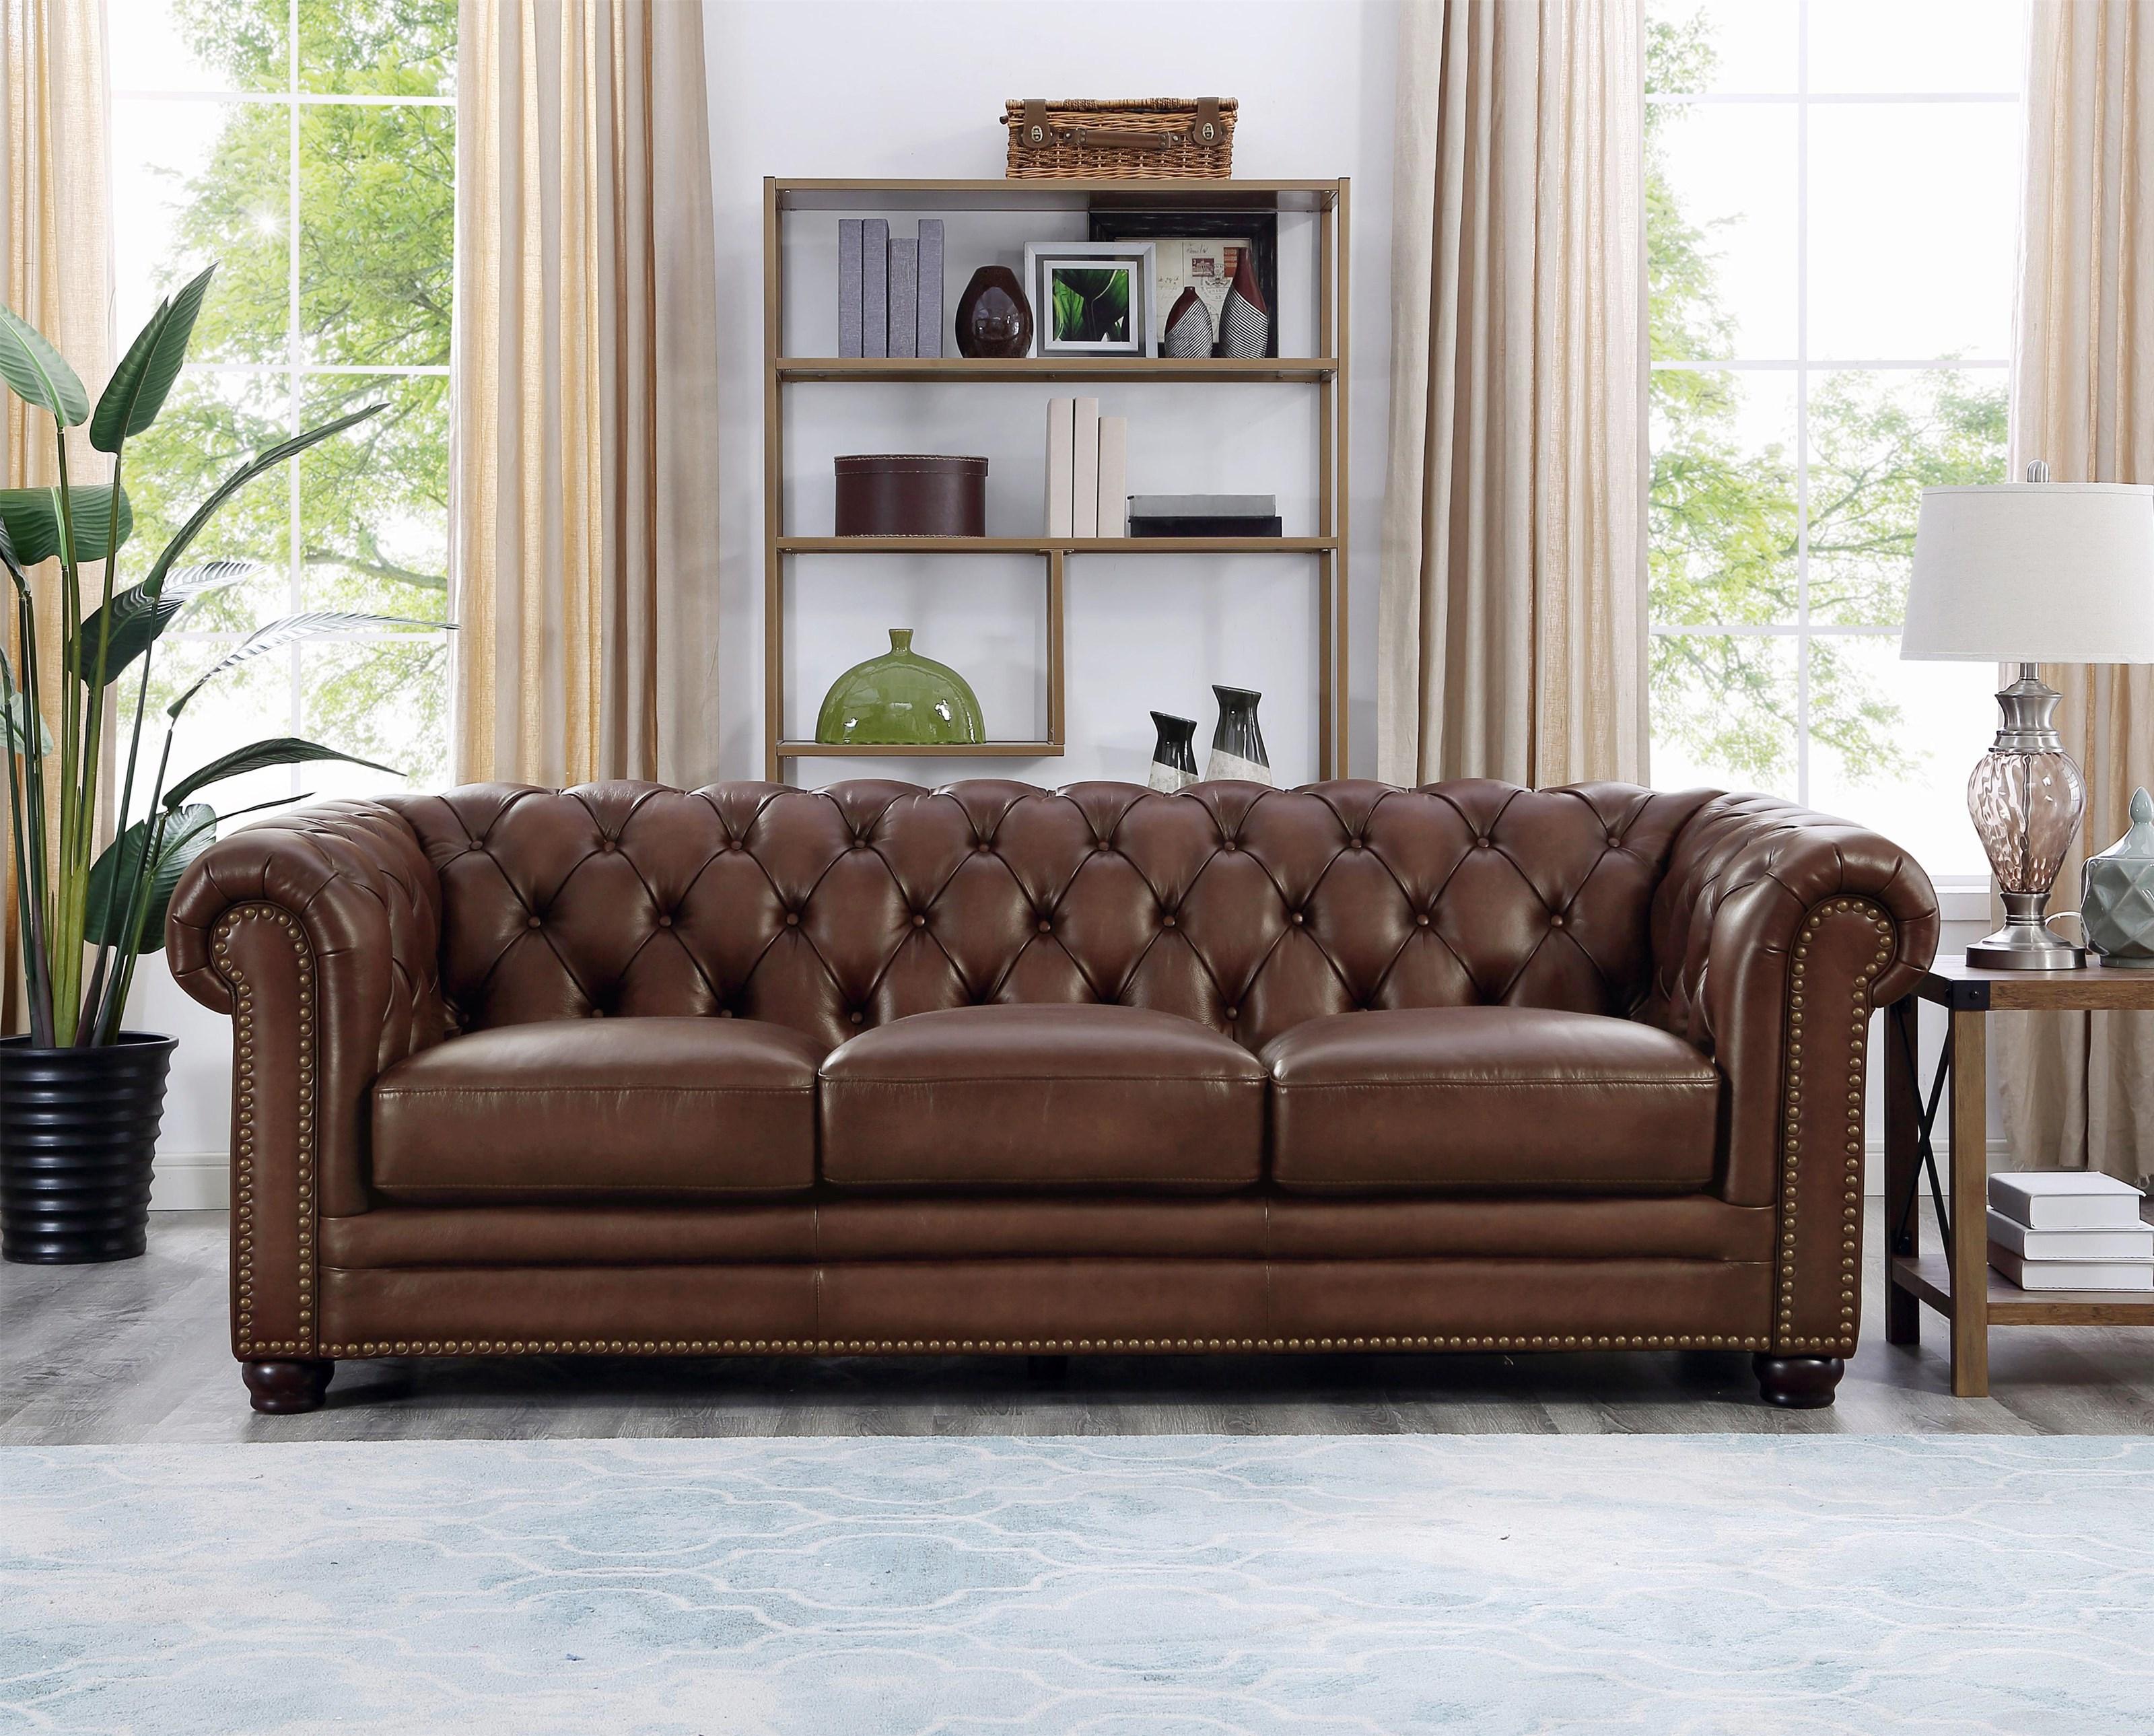 Kennedy DD Sofa by Amax at Stoney Creek Furniture